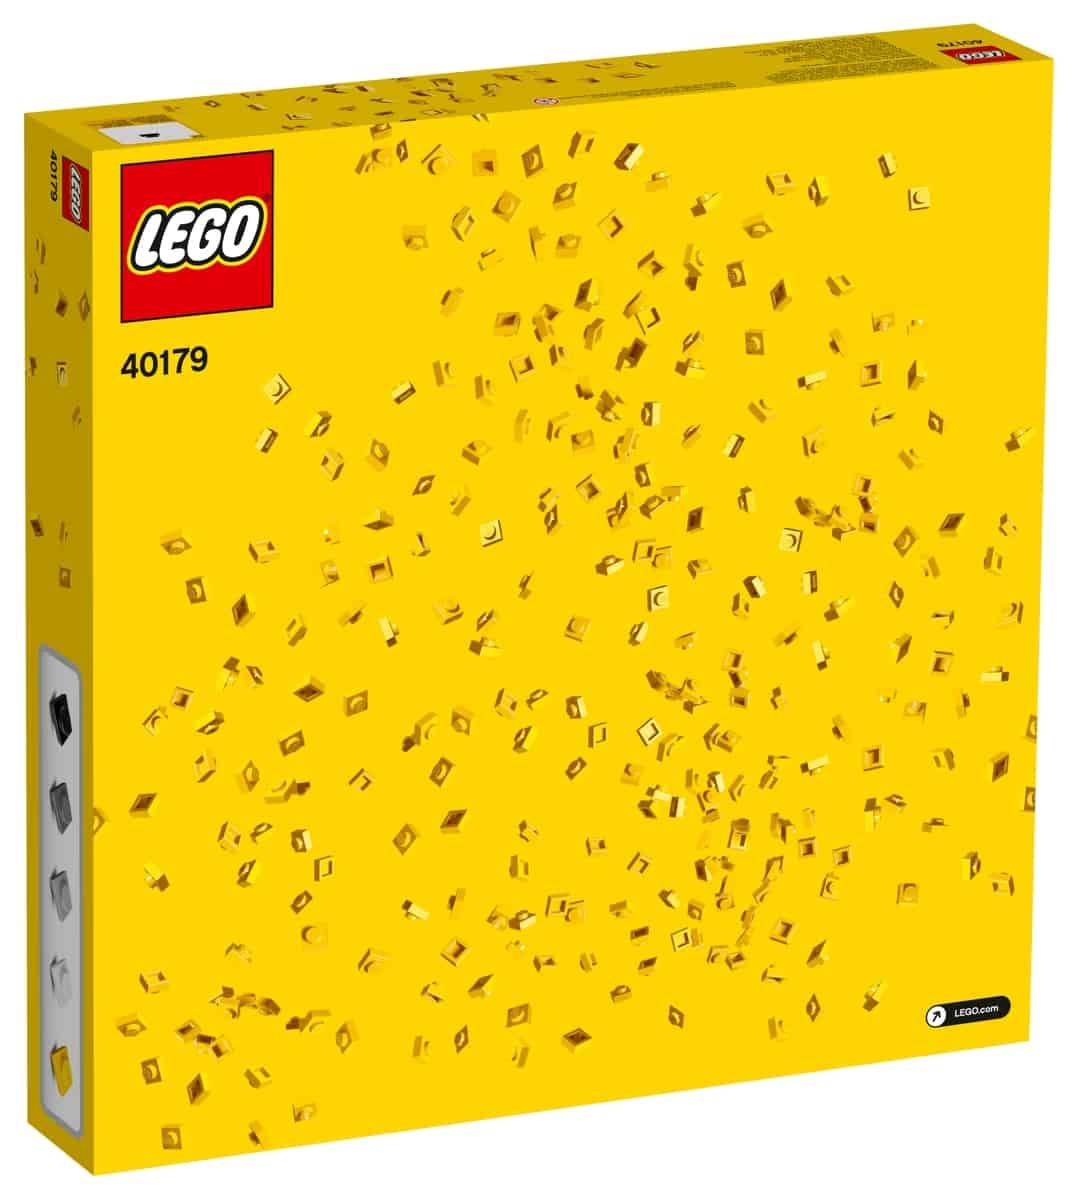 40179 officiele lego 40179 winkel nl